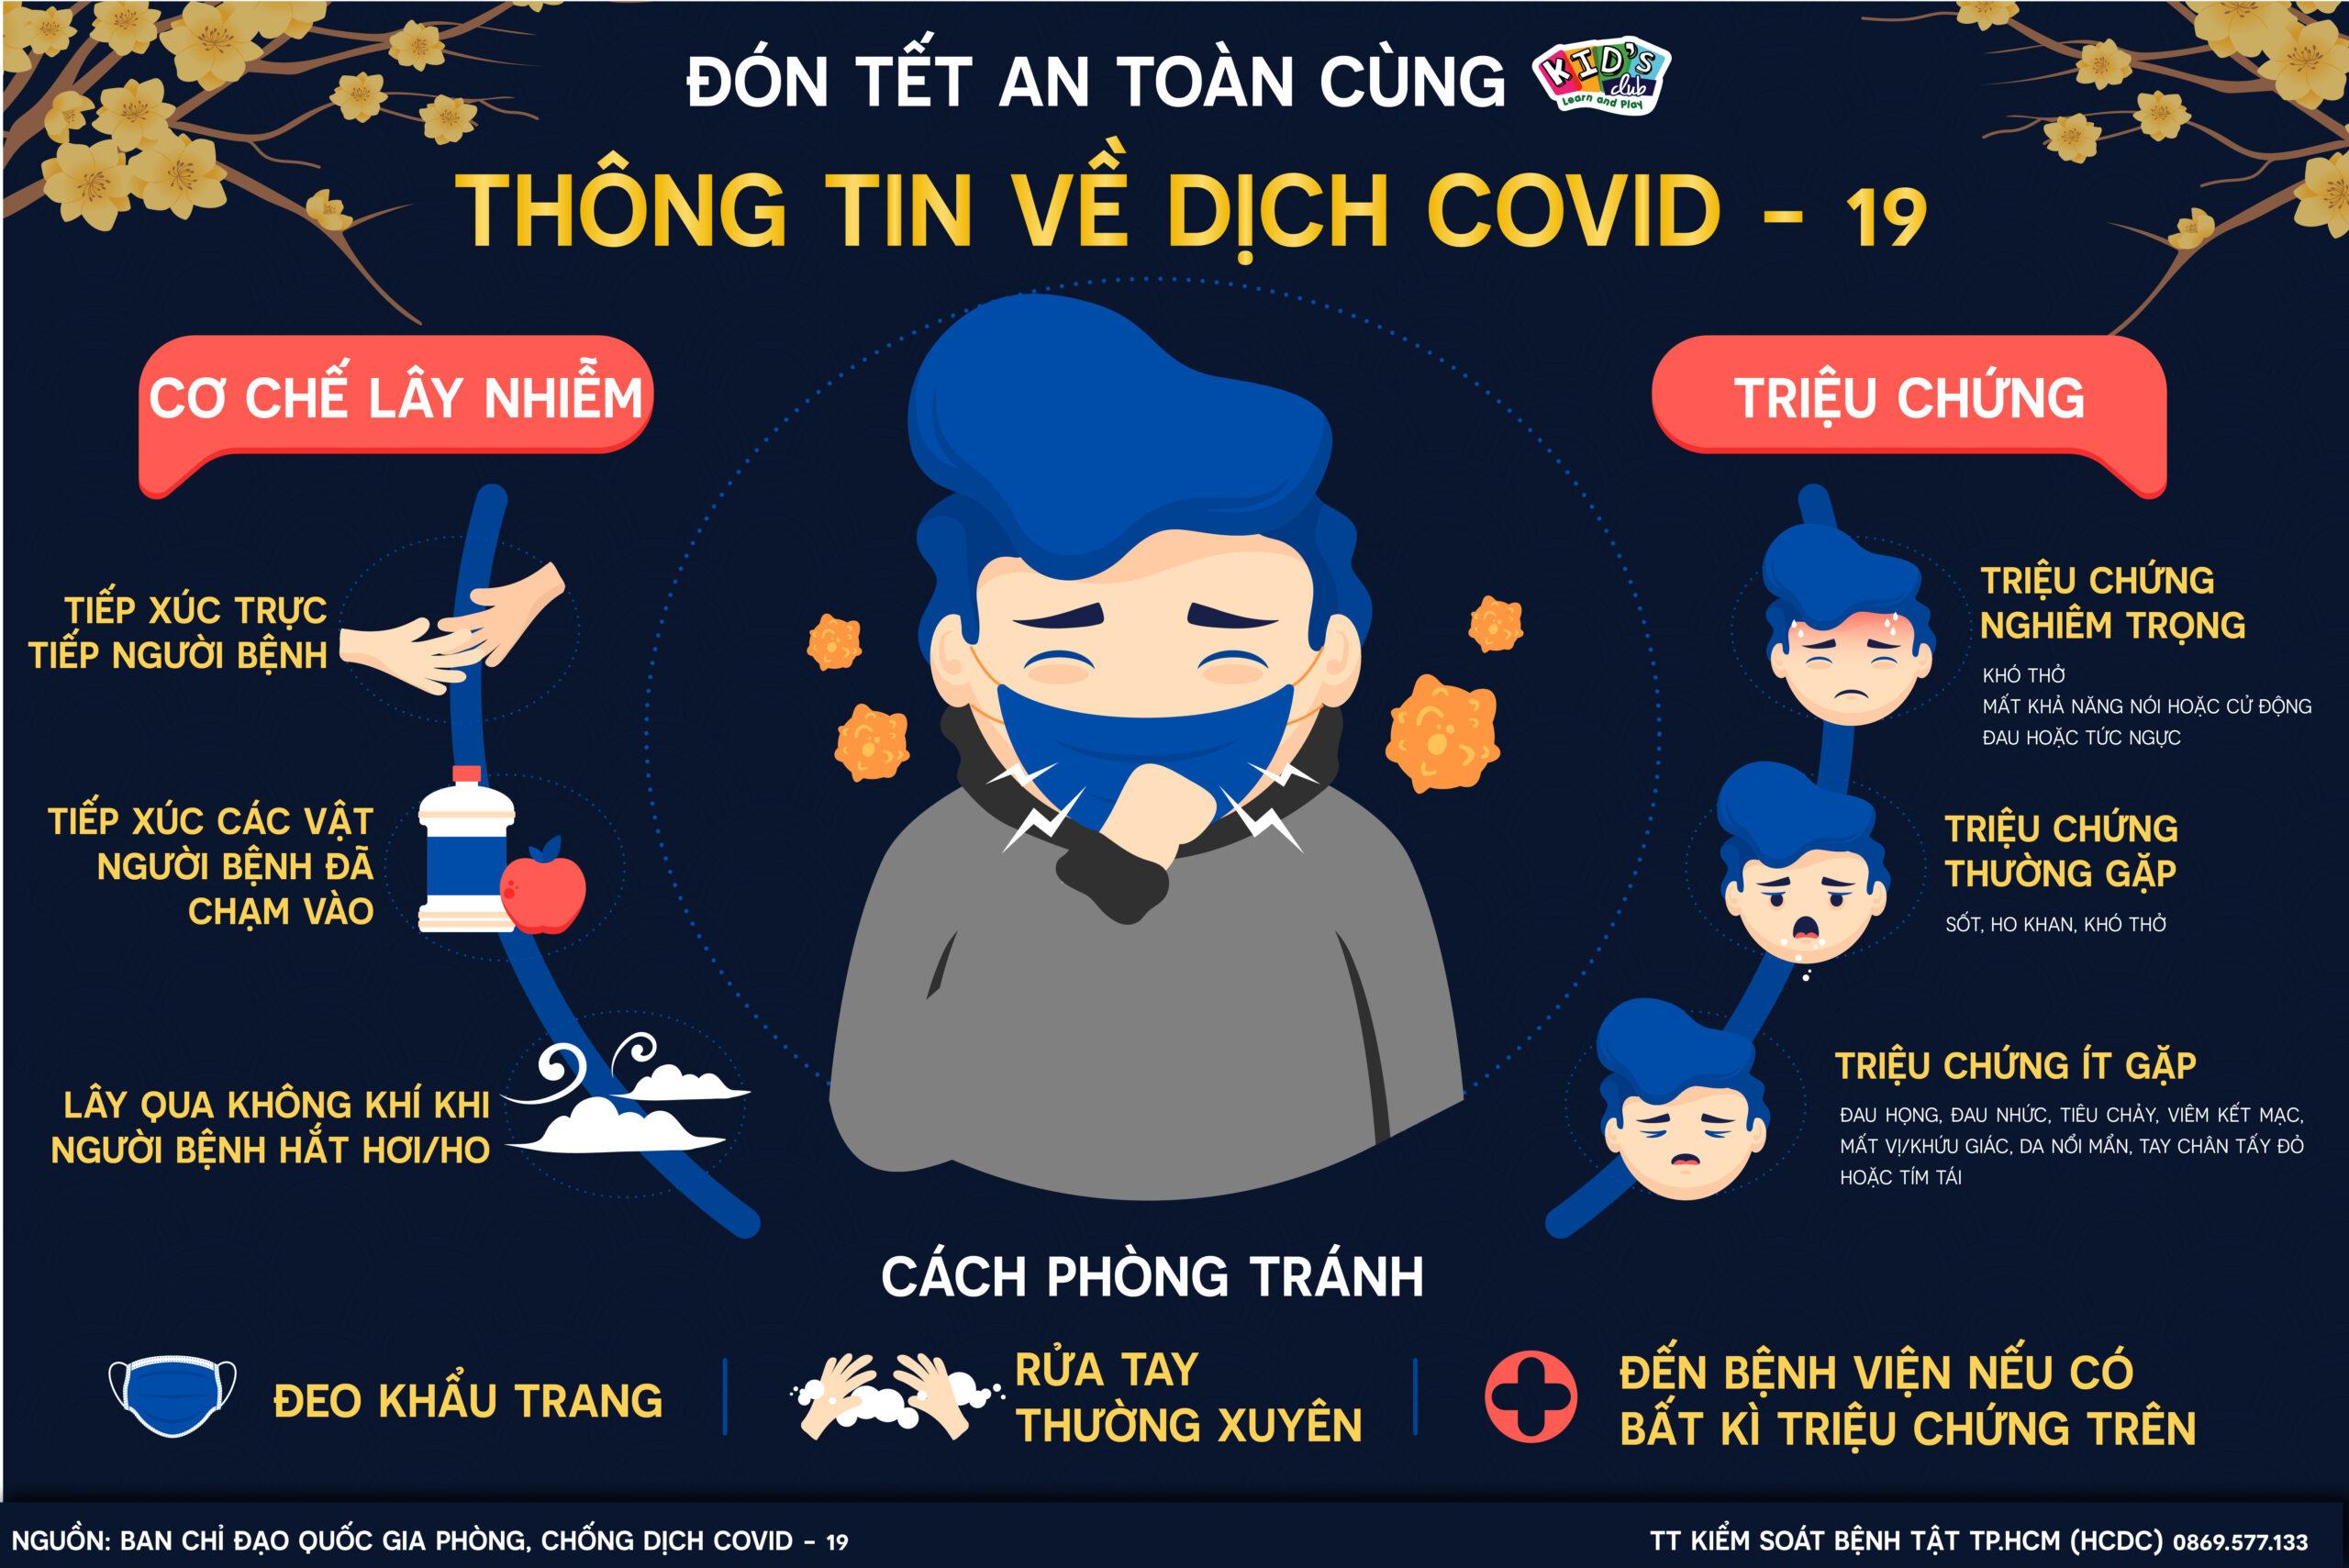 THÔNG TIN VỀ DỊCH COVID – 19